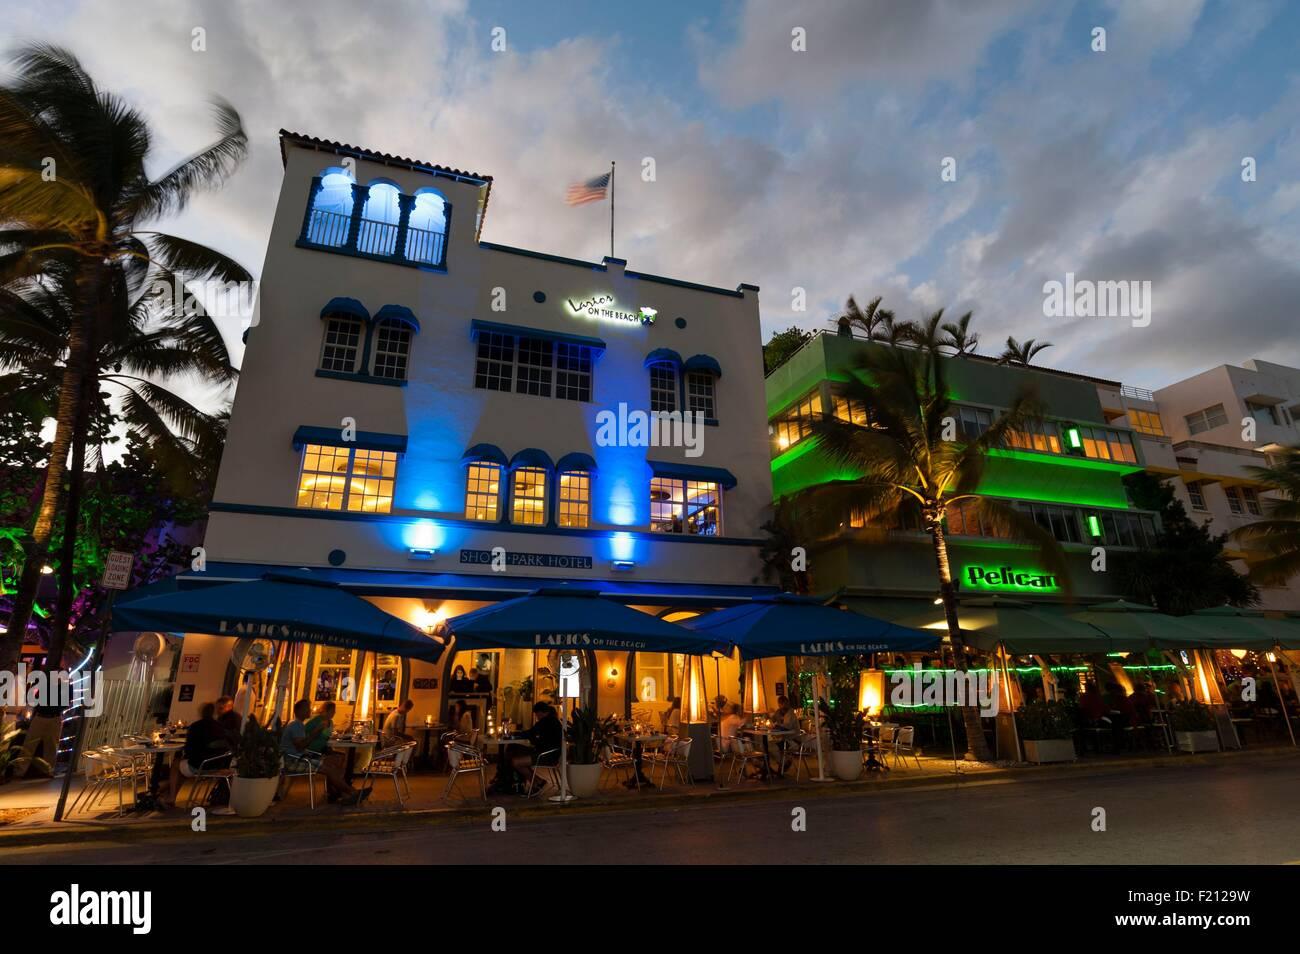 United States Florida Miami Beach South Beach Ocean Drive Shore Park Hotel